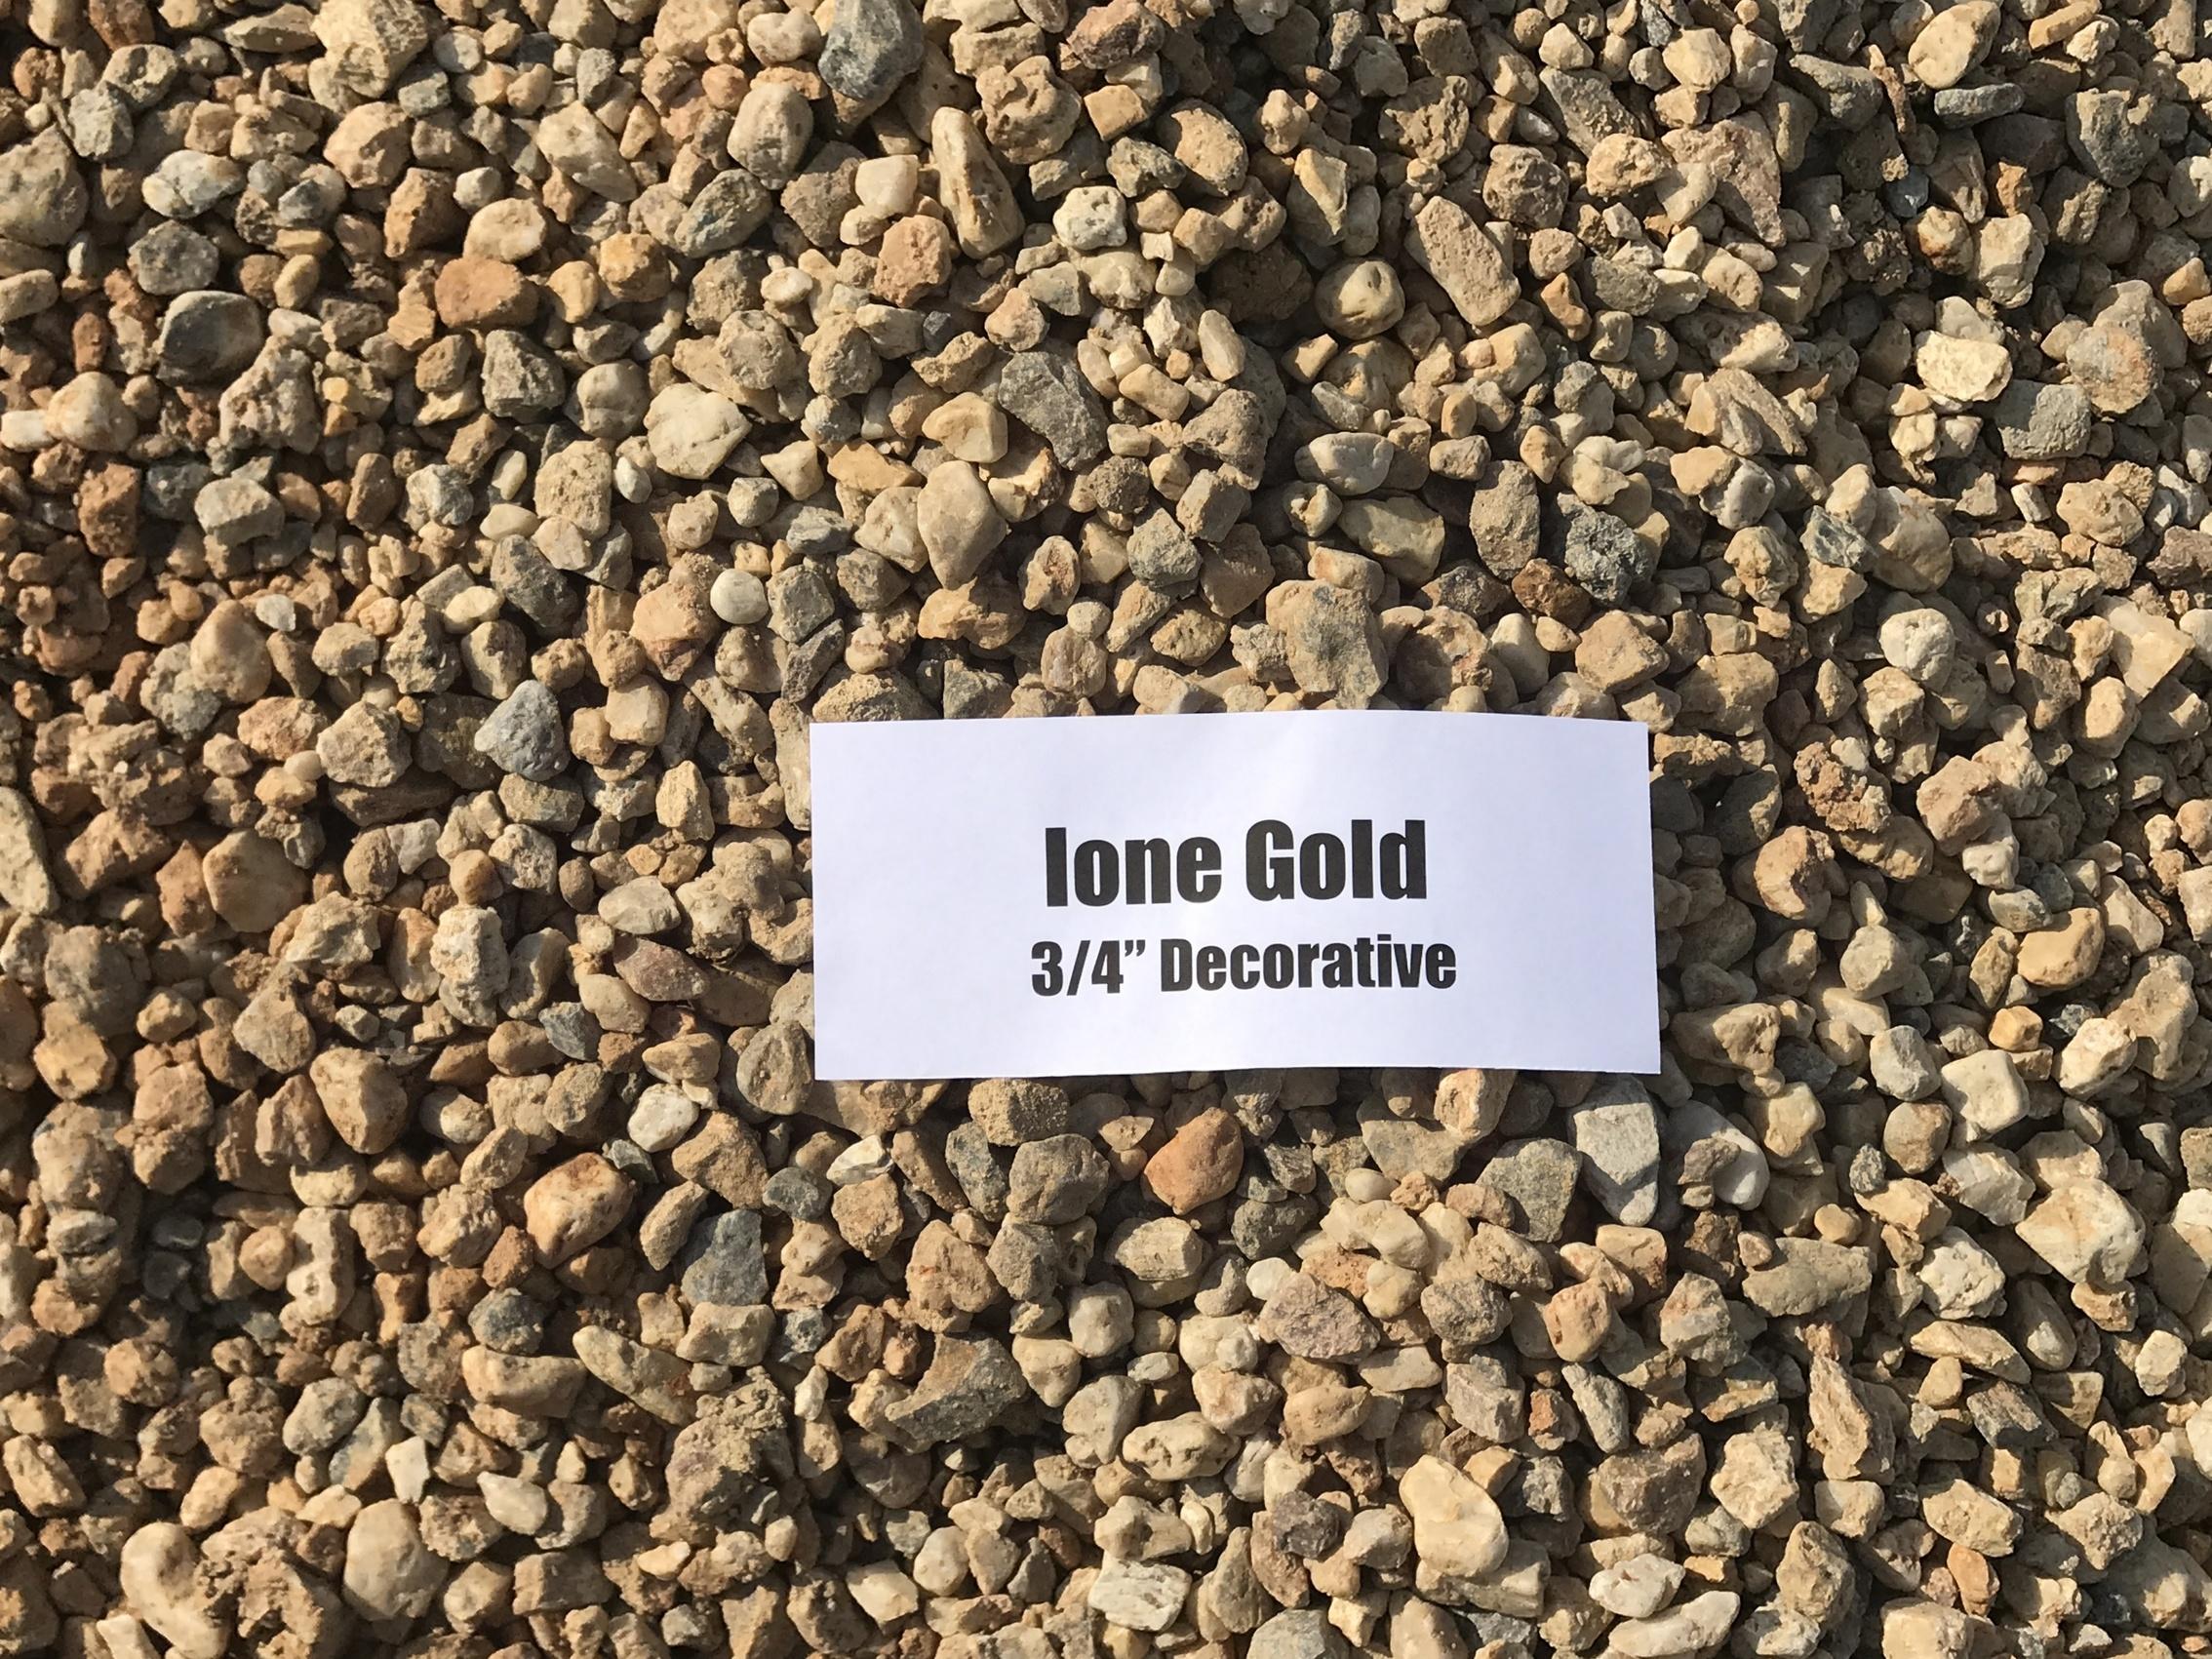 Cement Rock Landscape Products Galt And Asphalt